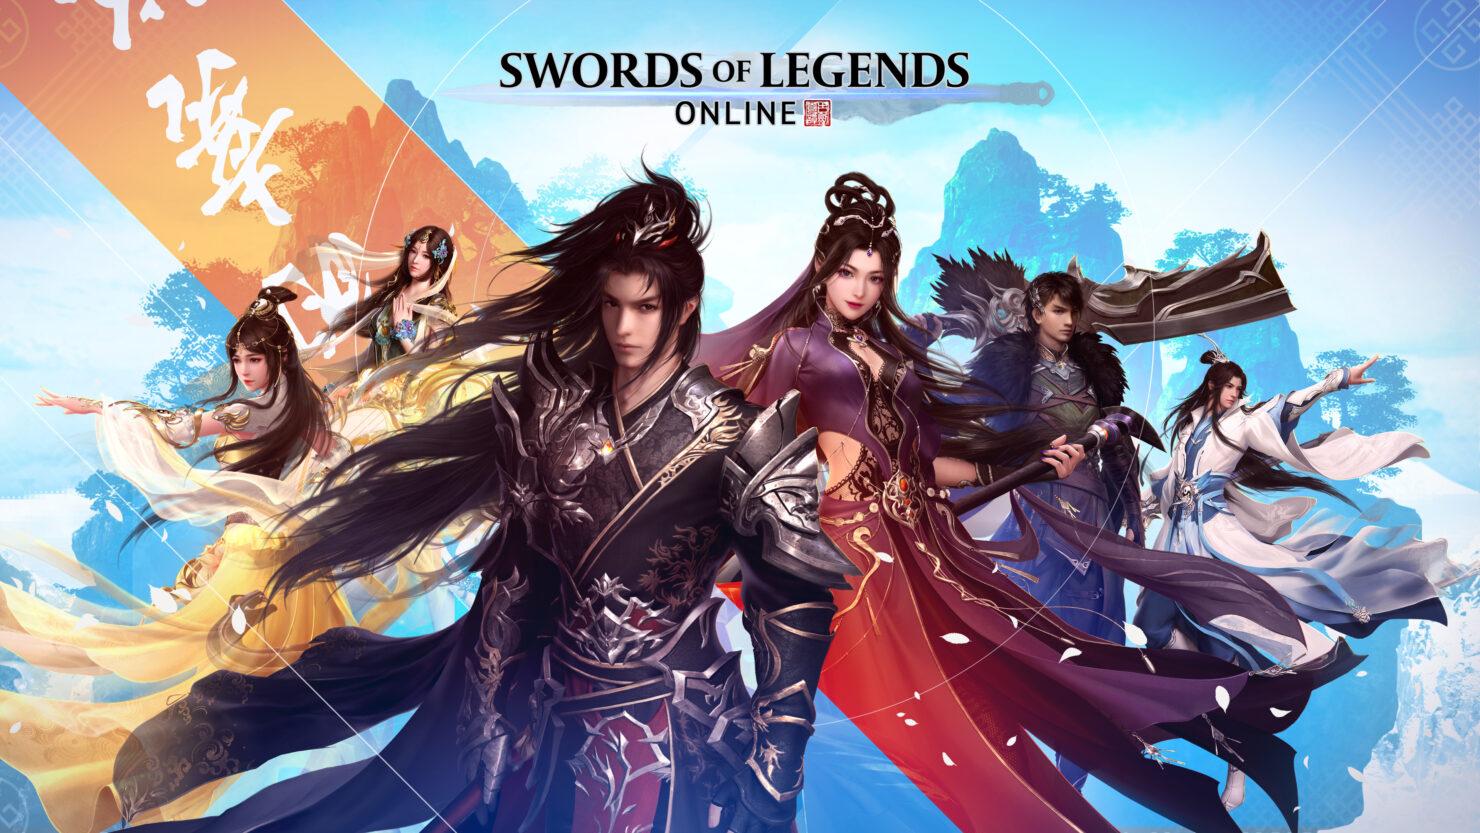 Swords of Legends Online Class Overview